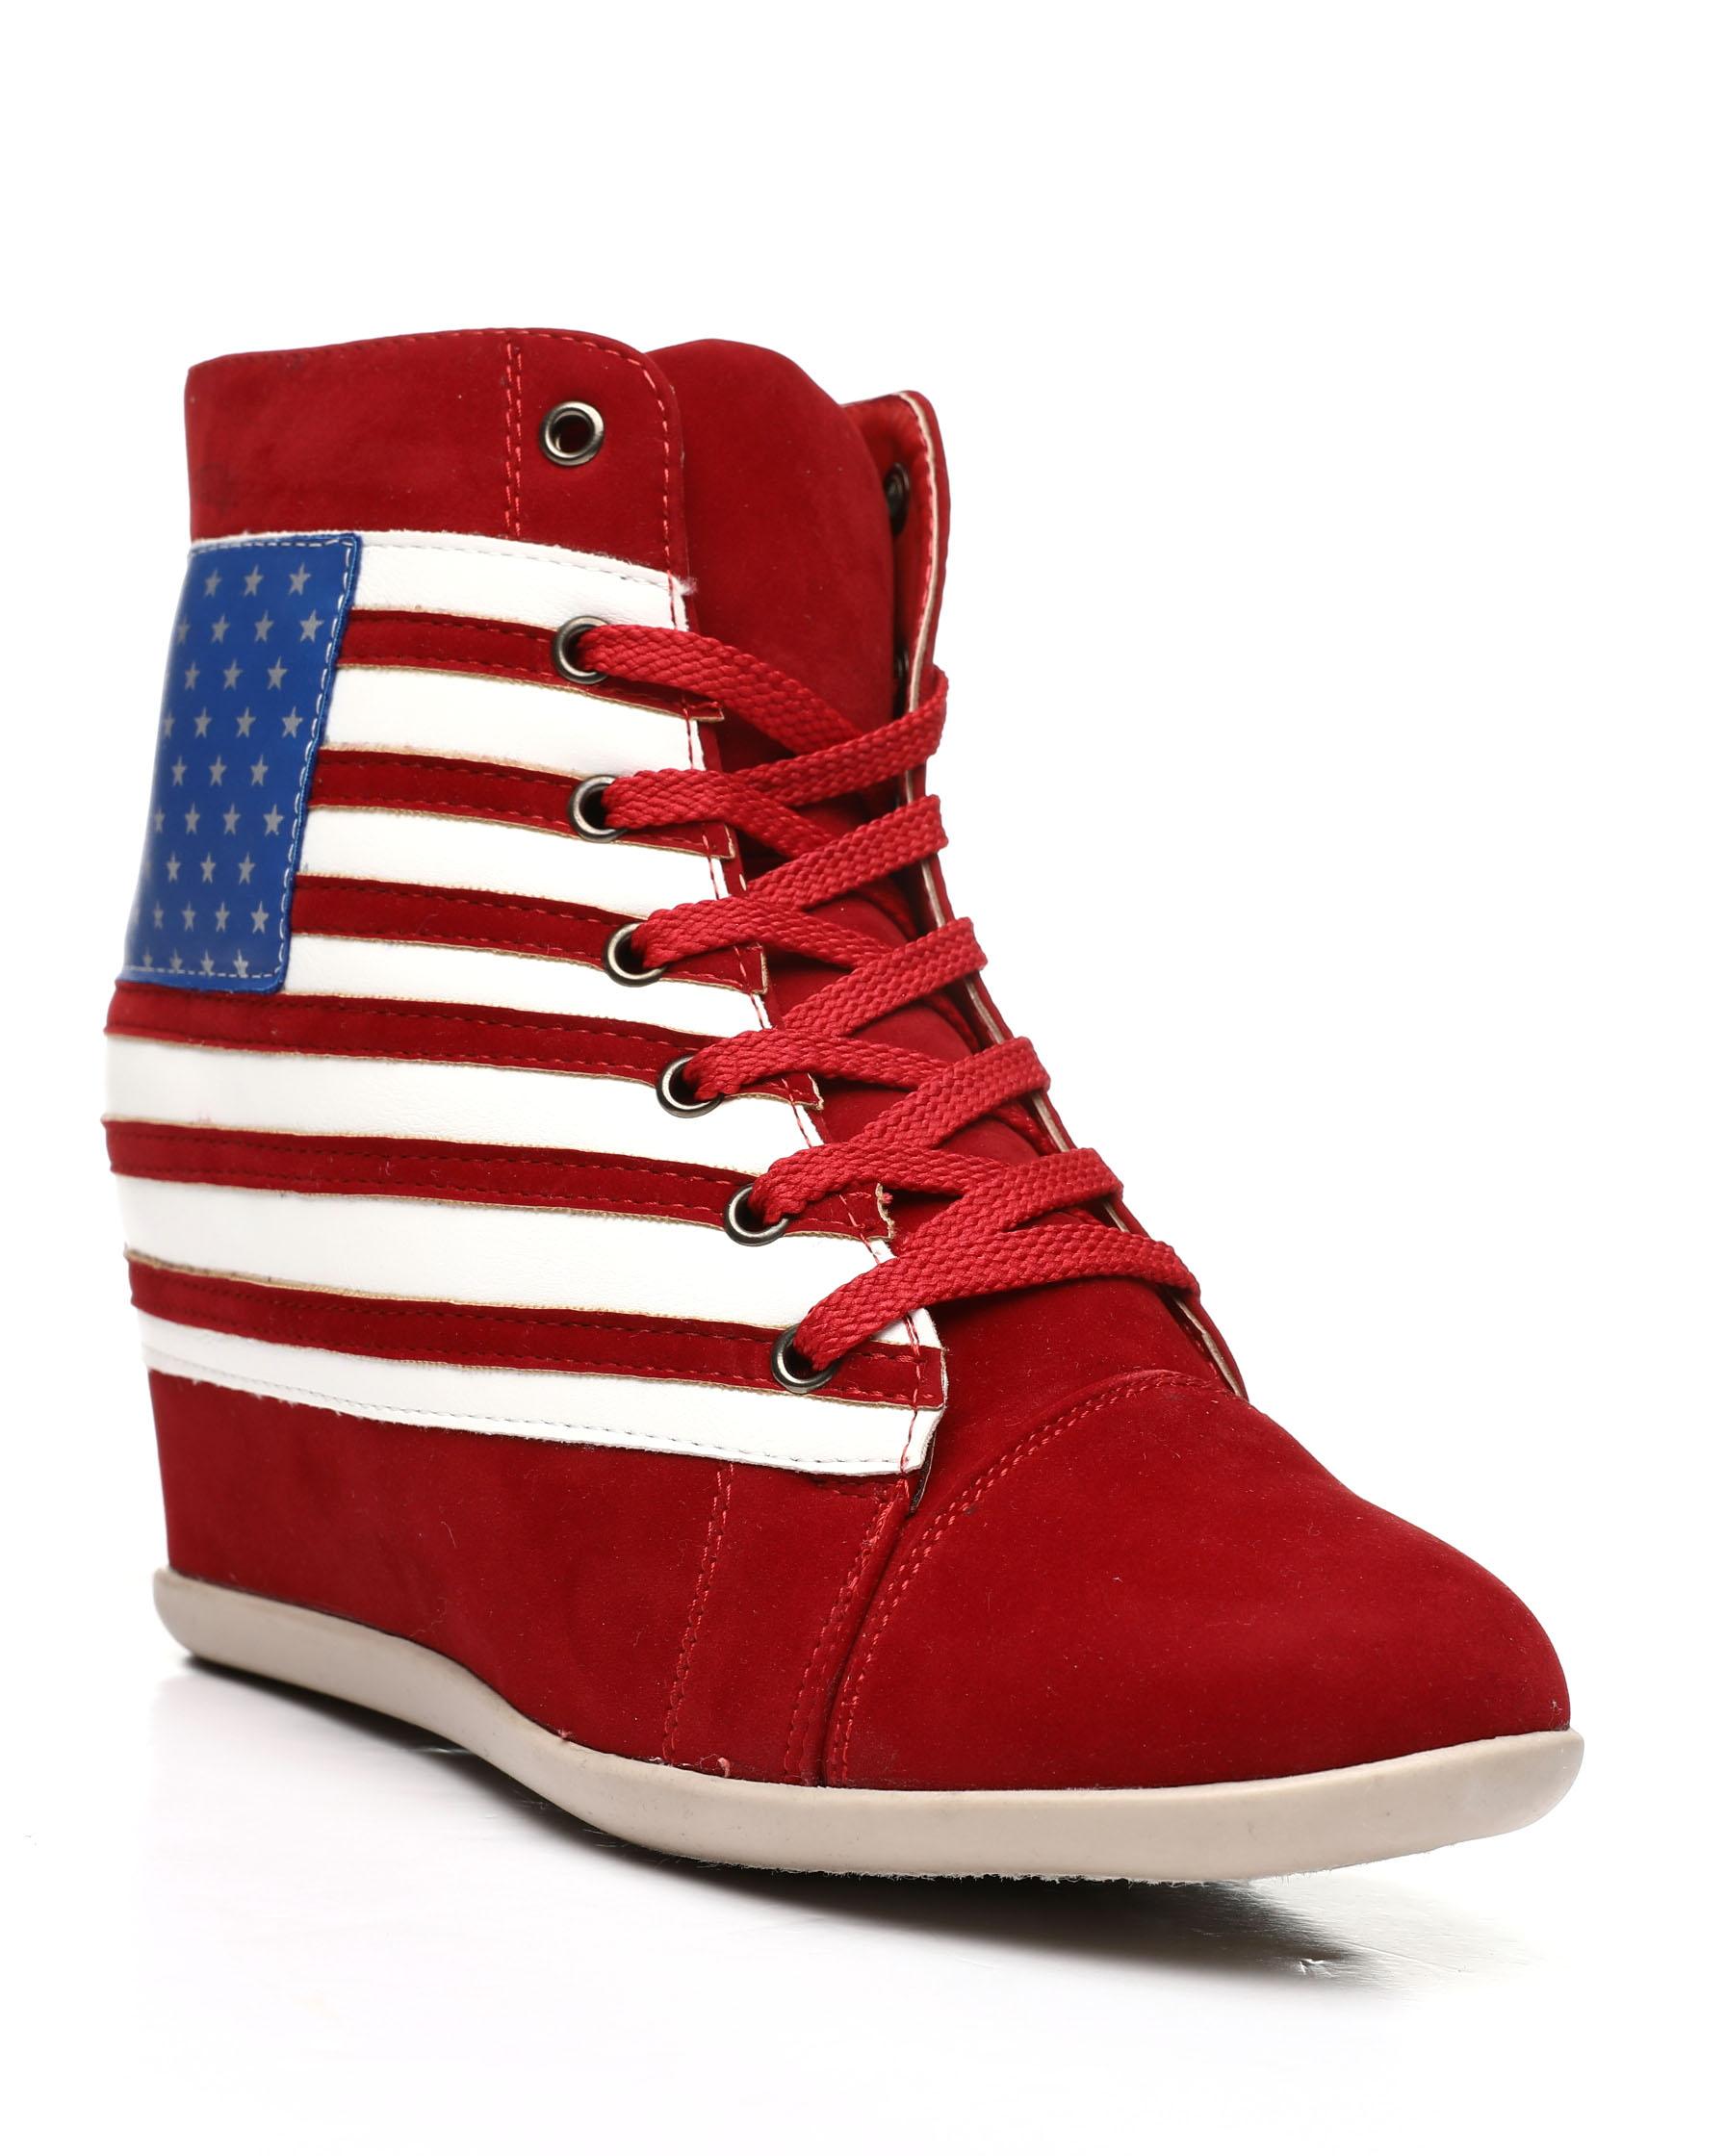 Buy Lady Godiva Wedge Sneakers Women's Footwear from Fashion